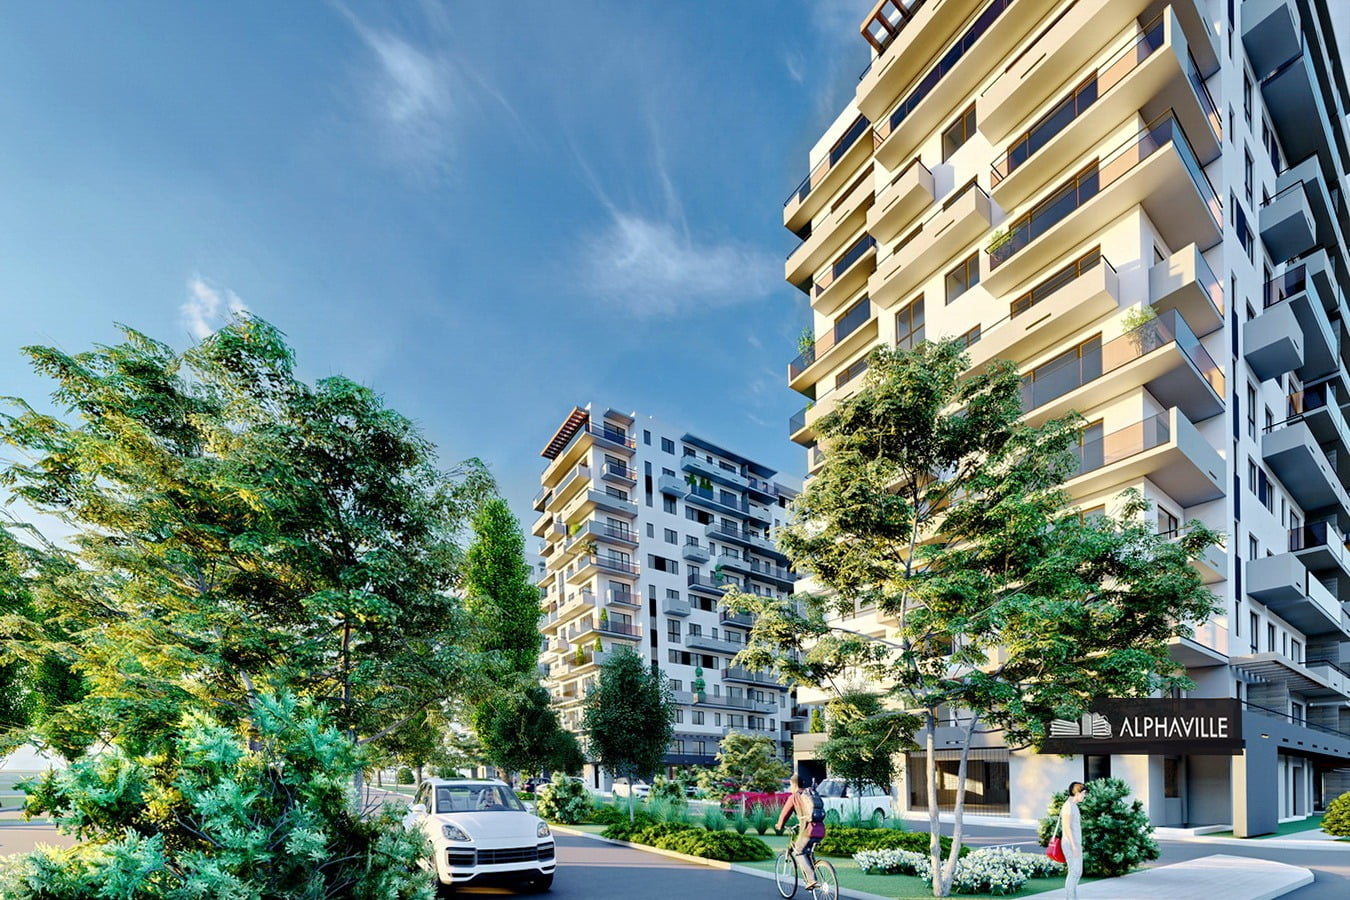 Mai puțini români își vor putea cumpăra anul acesta locuințe prin programul Noua Casă